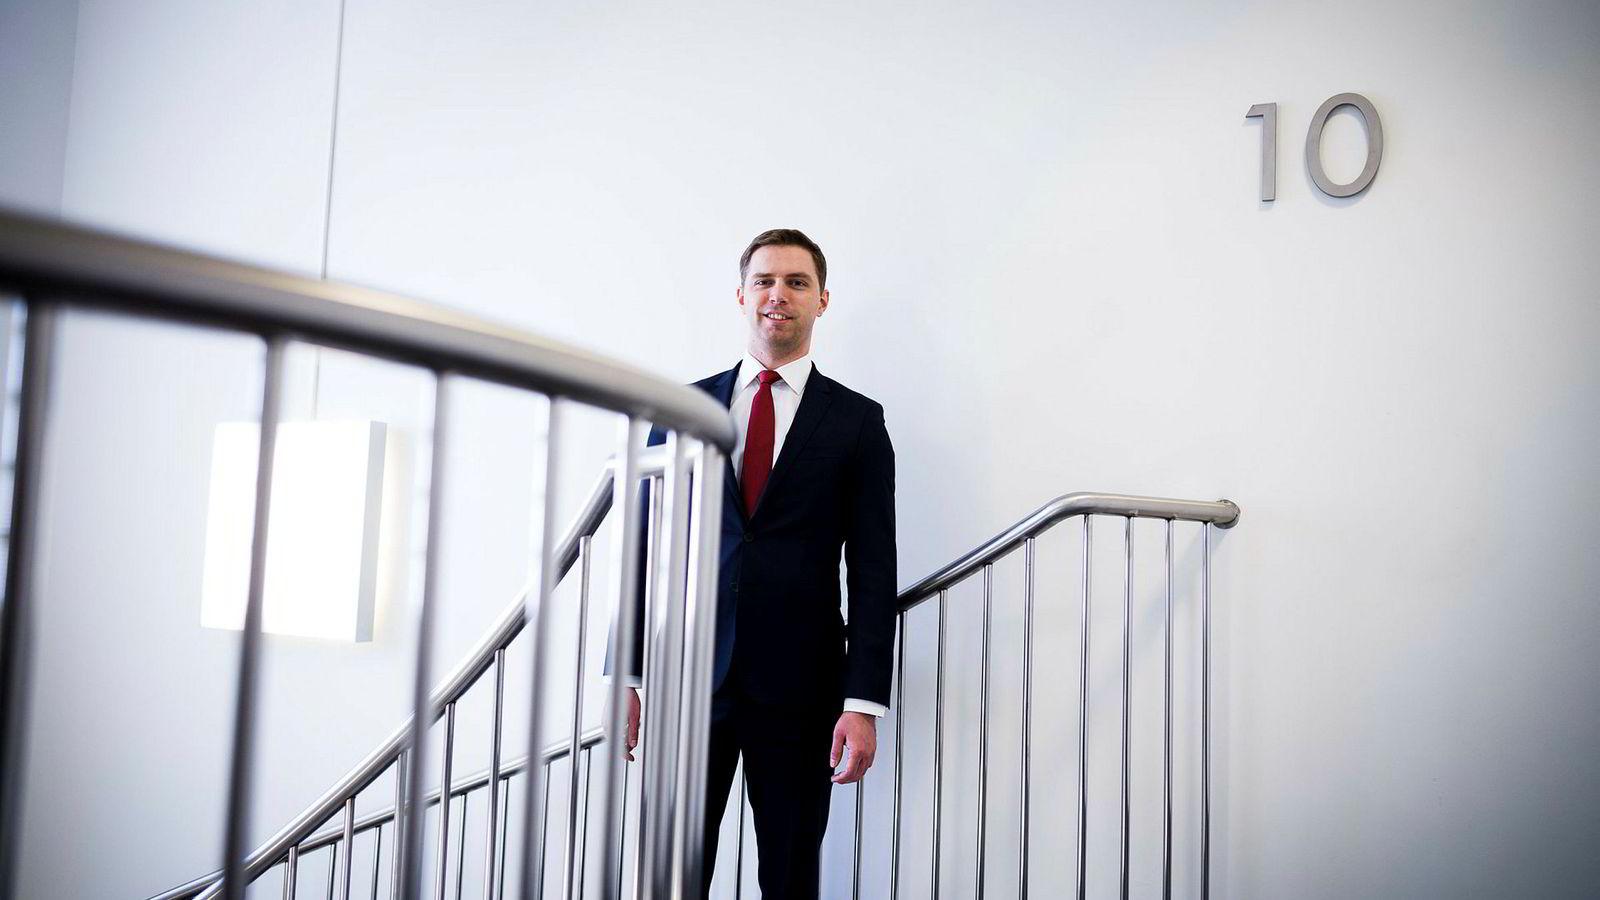 Porteføljeforvalter Alexander Larstedt Lager i Arctic Fund Management kan smile bredt etter å ha levert en avkastning på over 30 prosent i DNs porteføljekonkurranse.